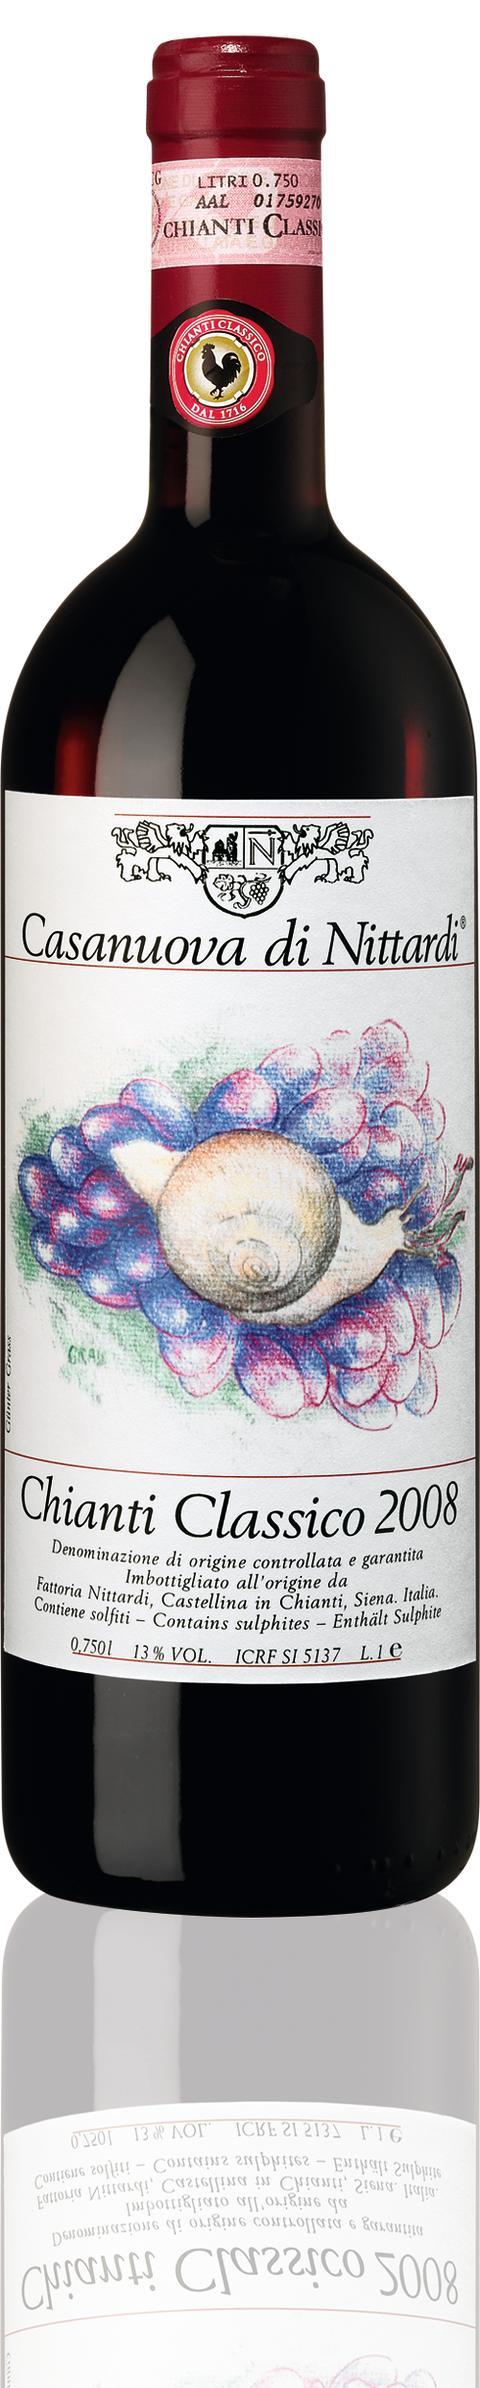 Nittardi Chianti Classico